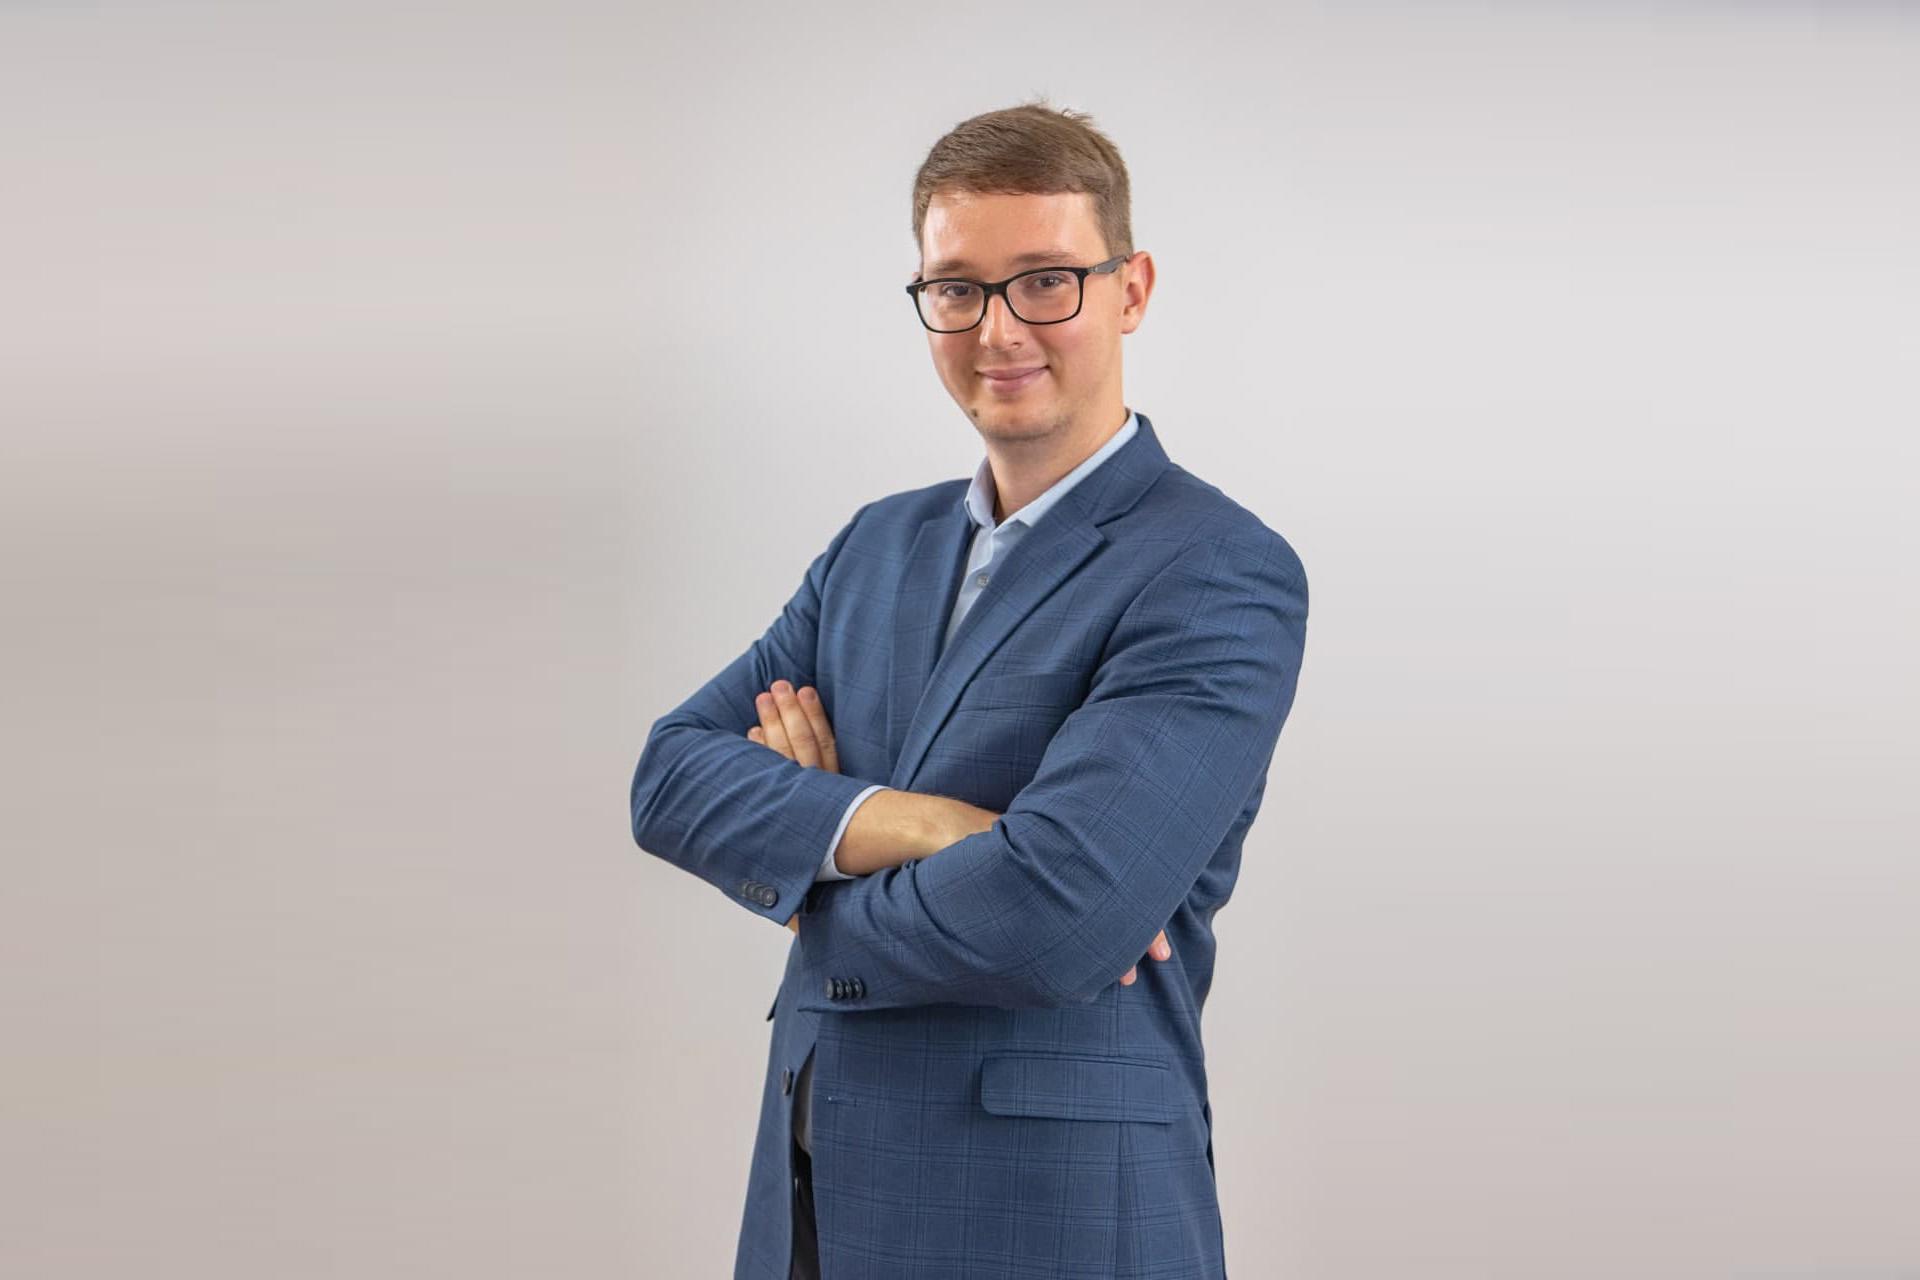 Глеб Иванов, финансовый консультант, краундфандер, волонтер финансовой грамотности ЦБ РФ